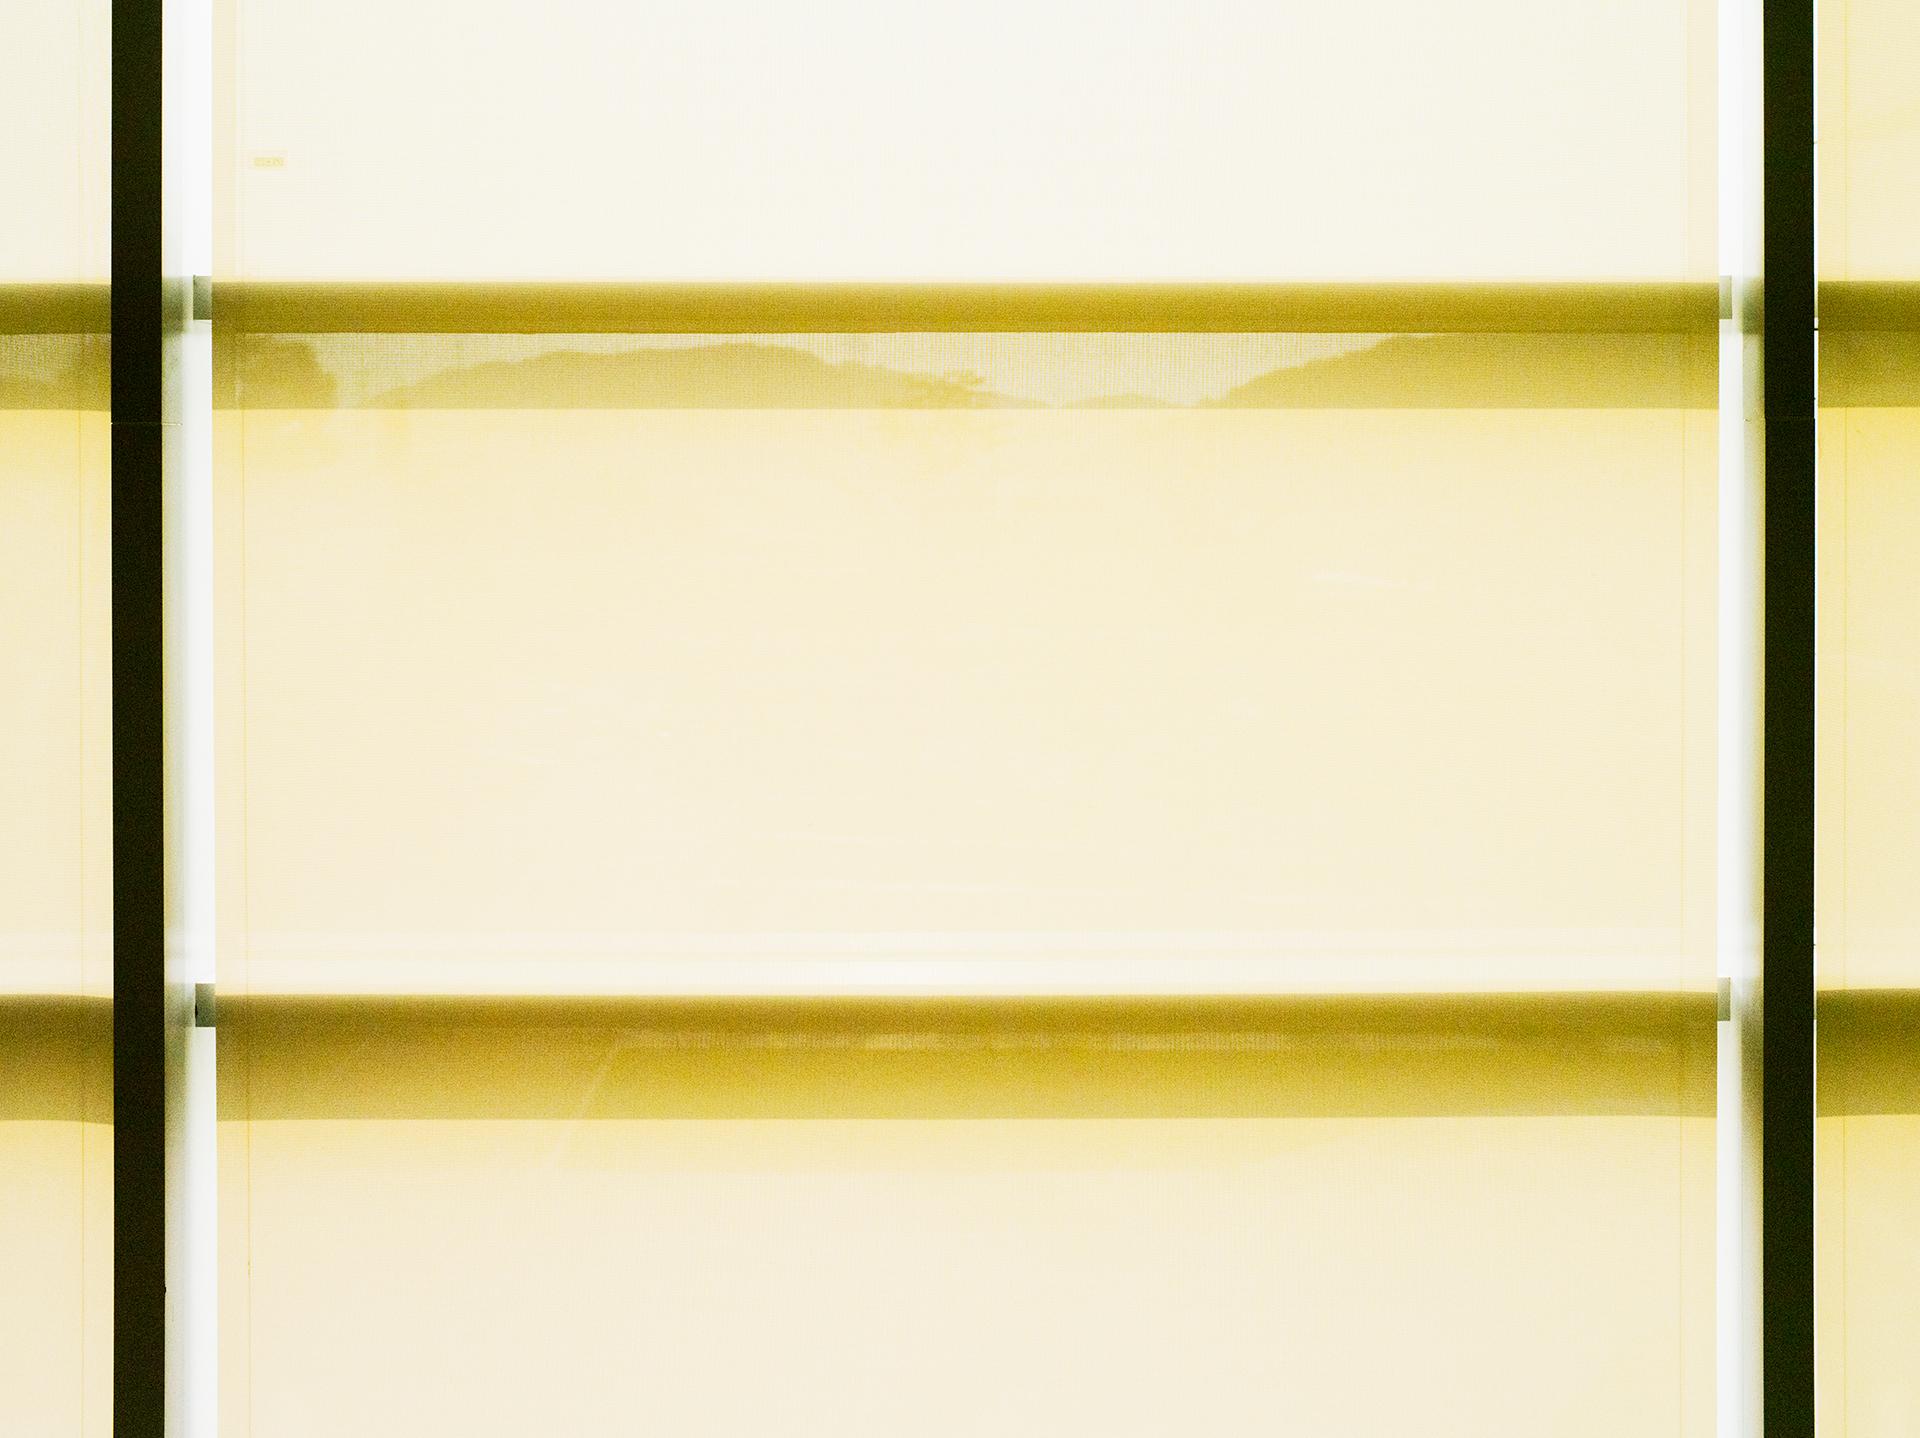 Light Flow : gl, Ie-12   pigment print, diasec,  90 x 120cm, 2014